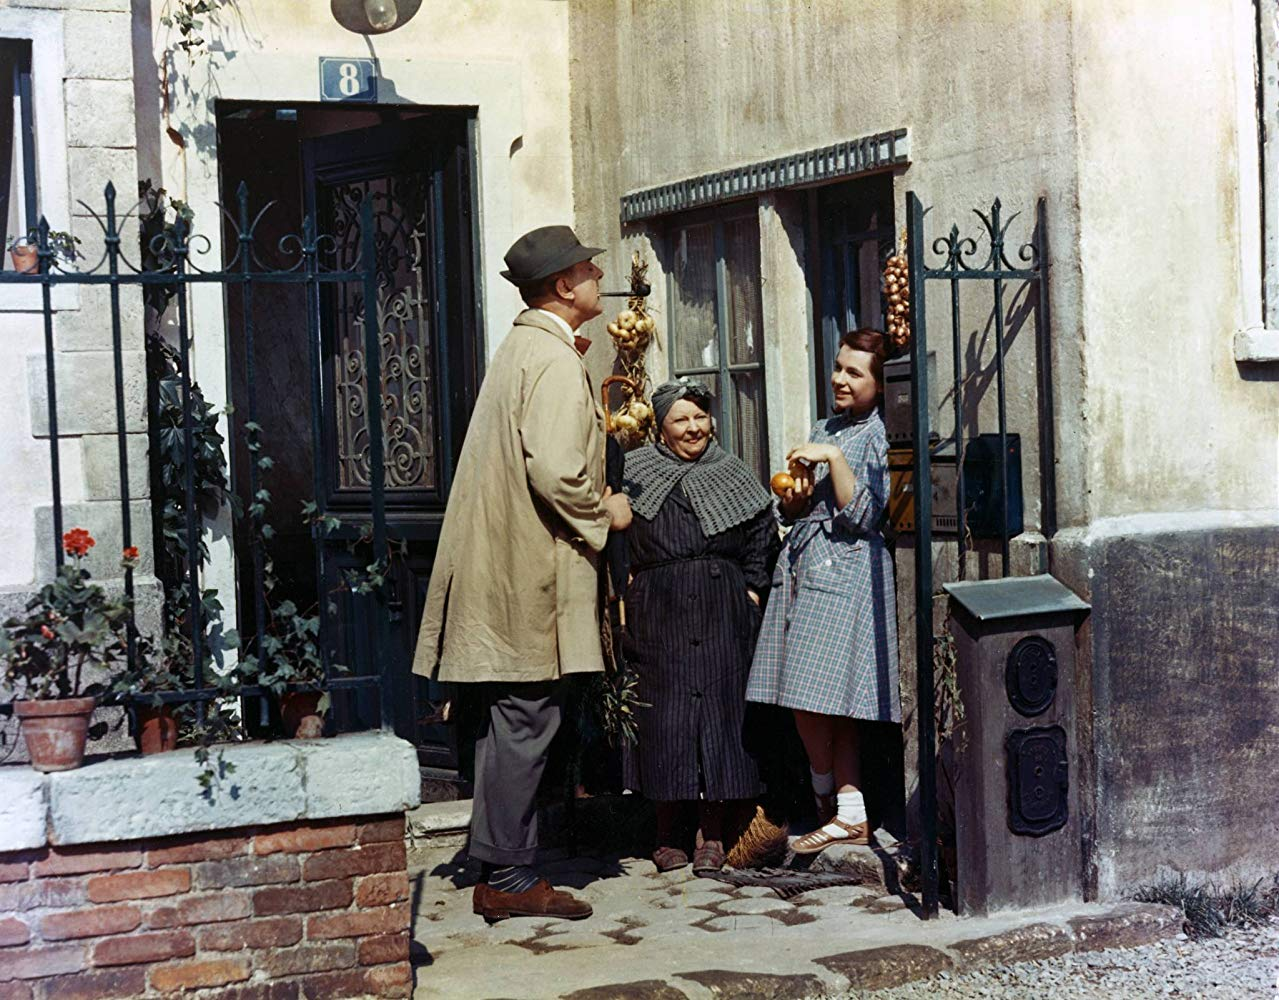 Mi Tío De Jacques Tati Cuestionar Con Humor Y Talento A La Vida Moderna Cine Y Literatura